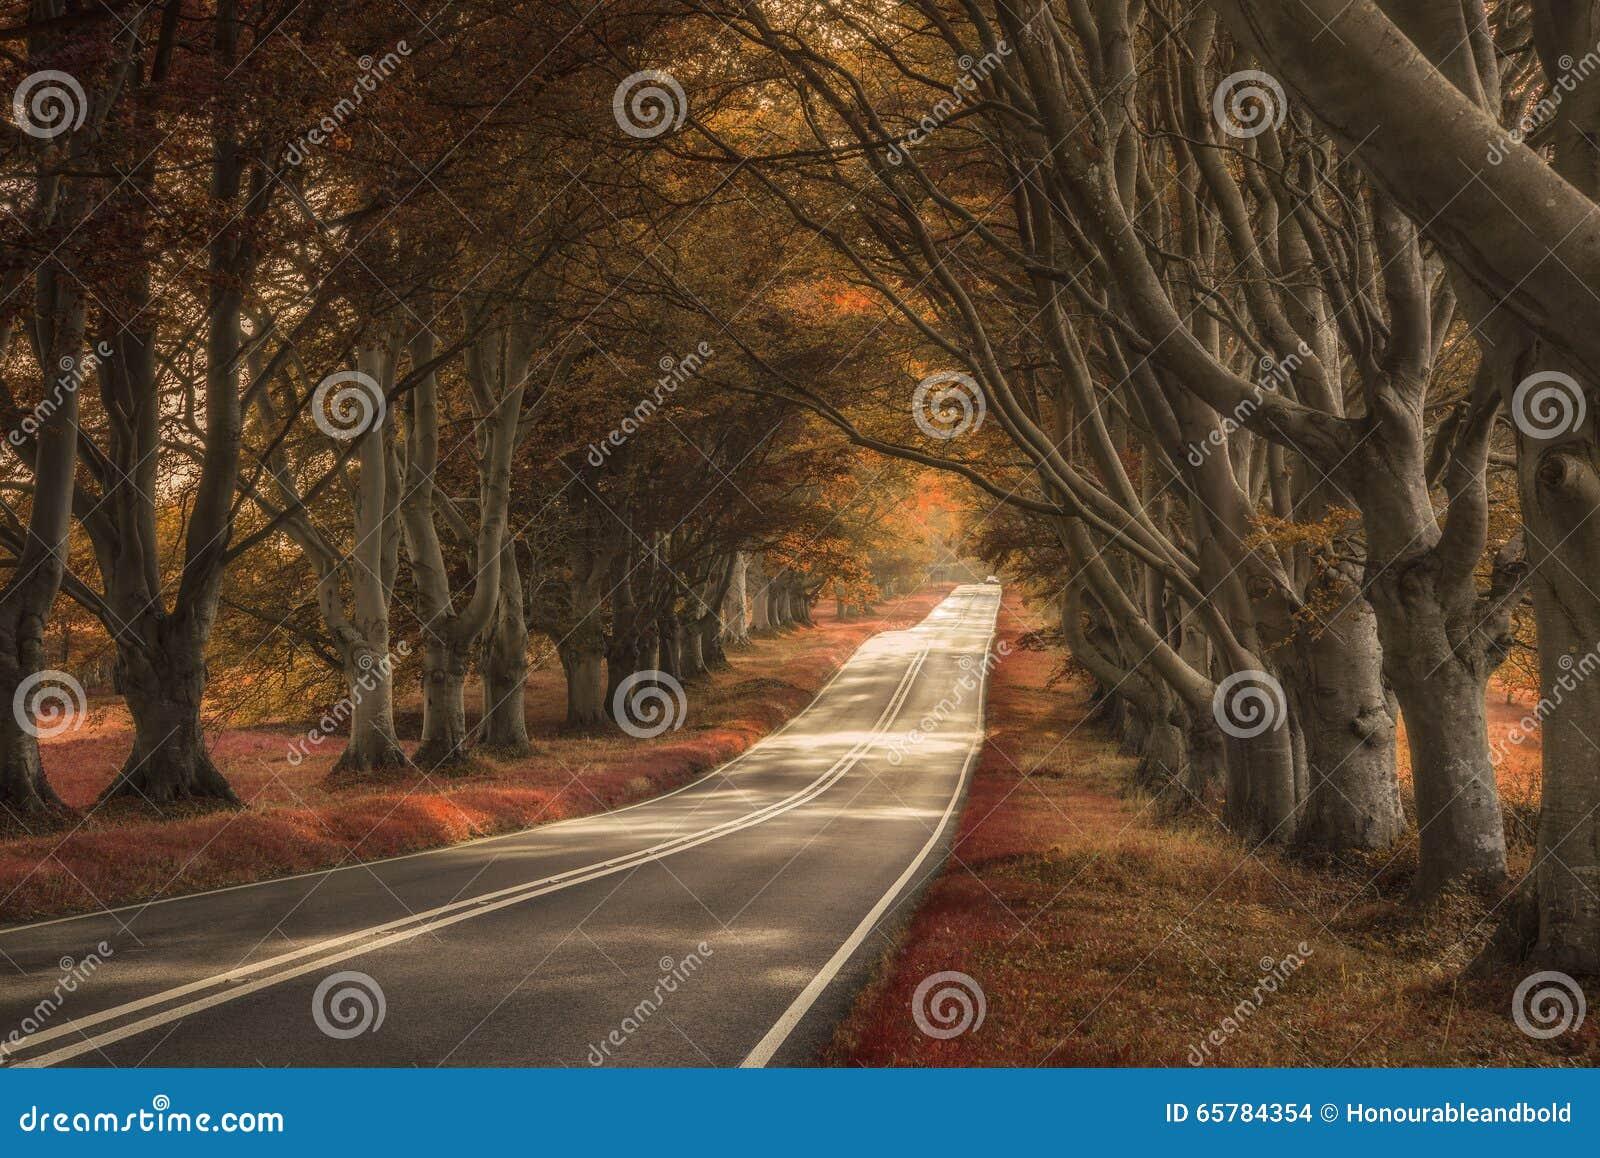 Schöne surreale Alternative farbige Waldlandschaft